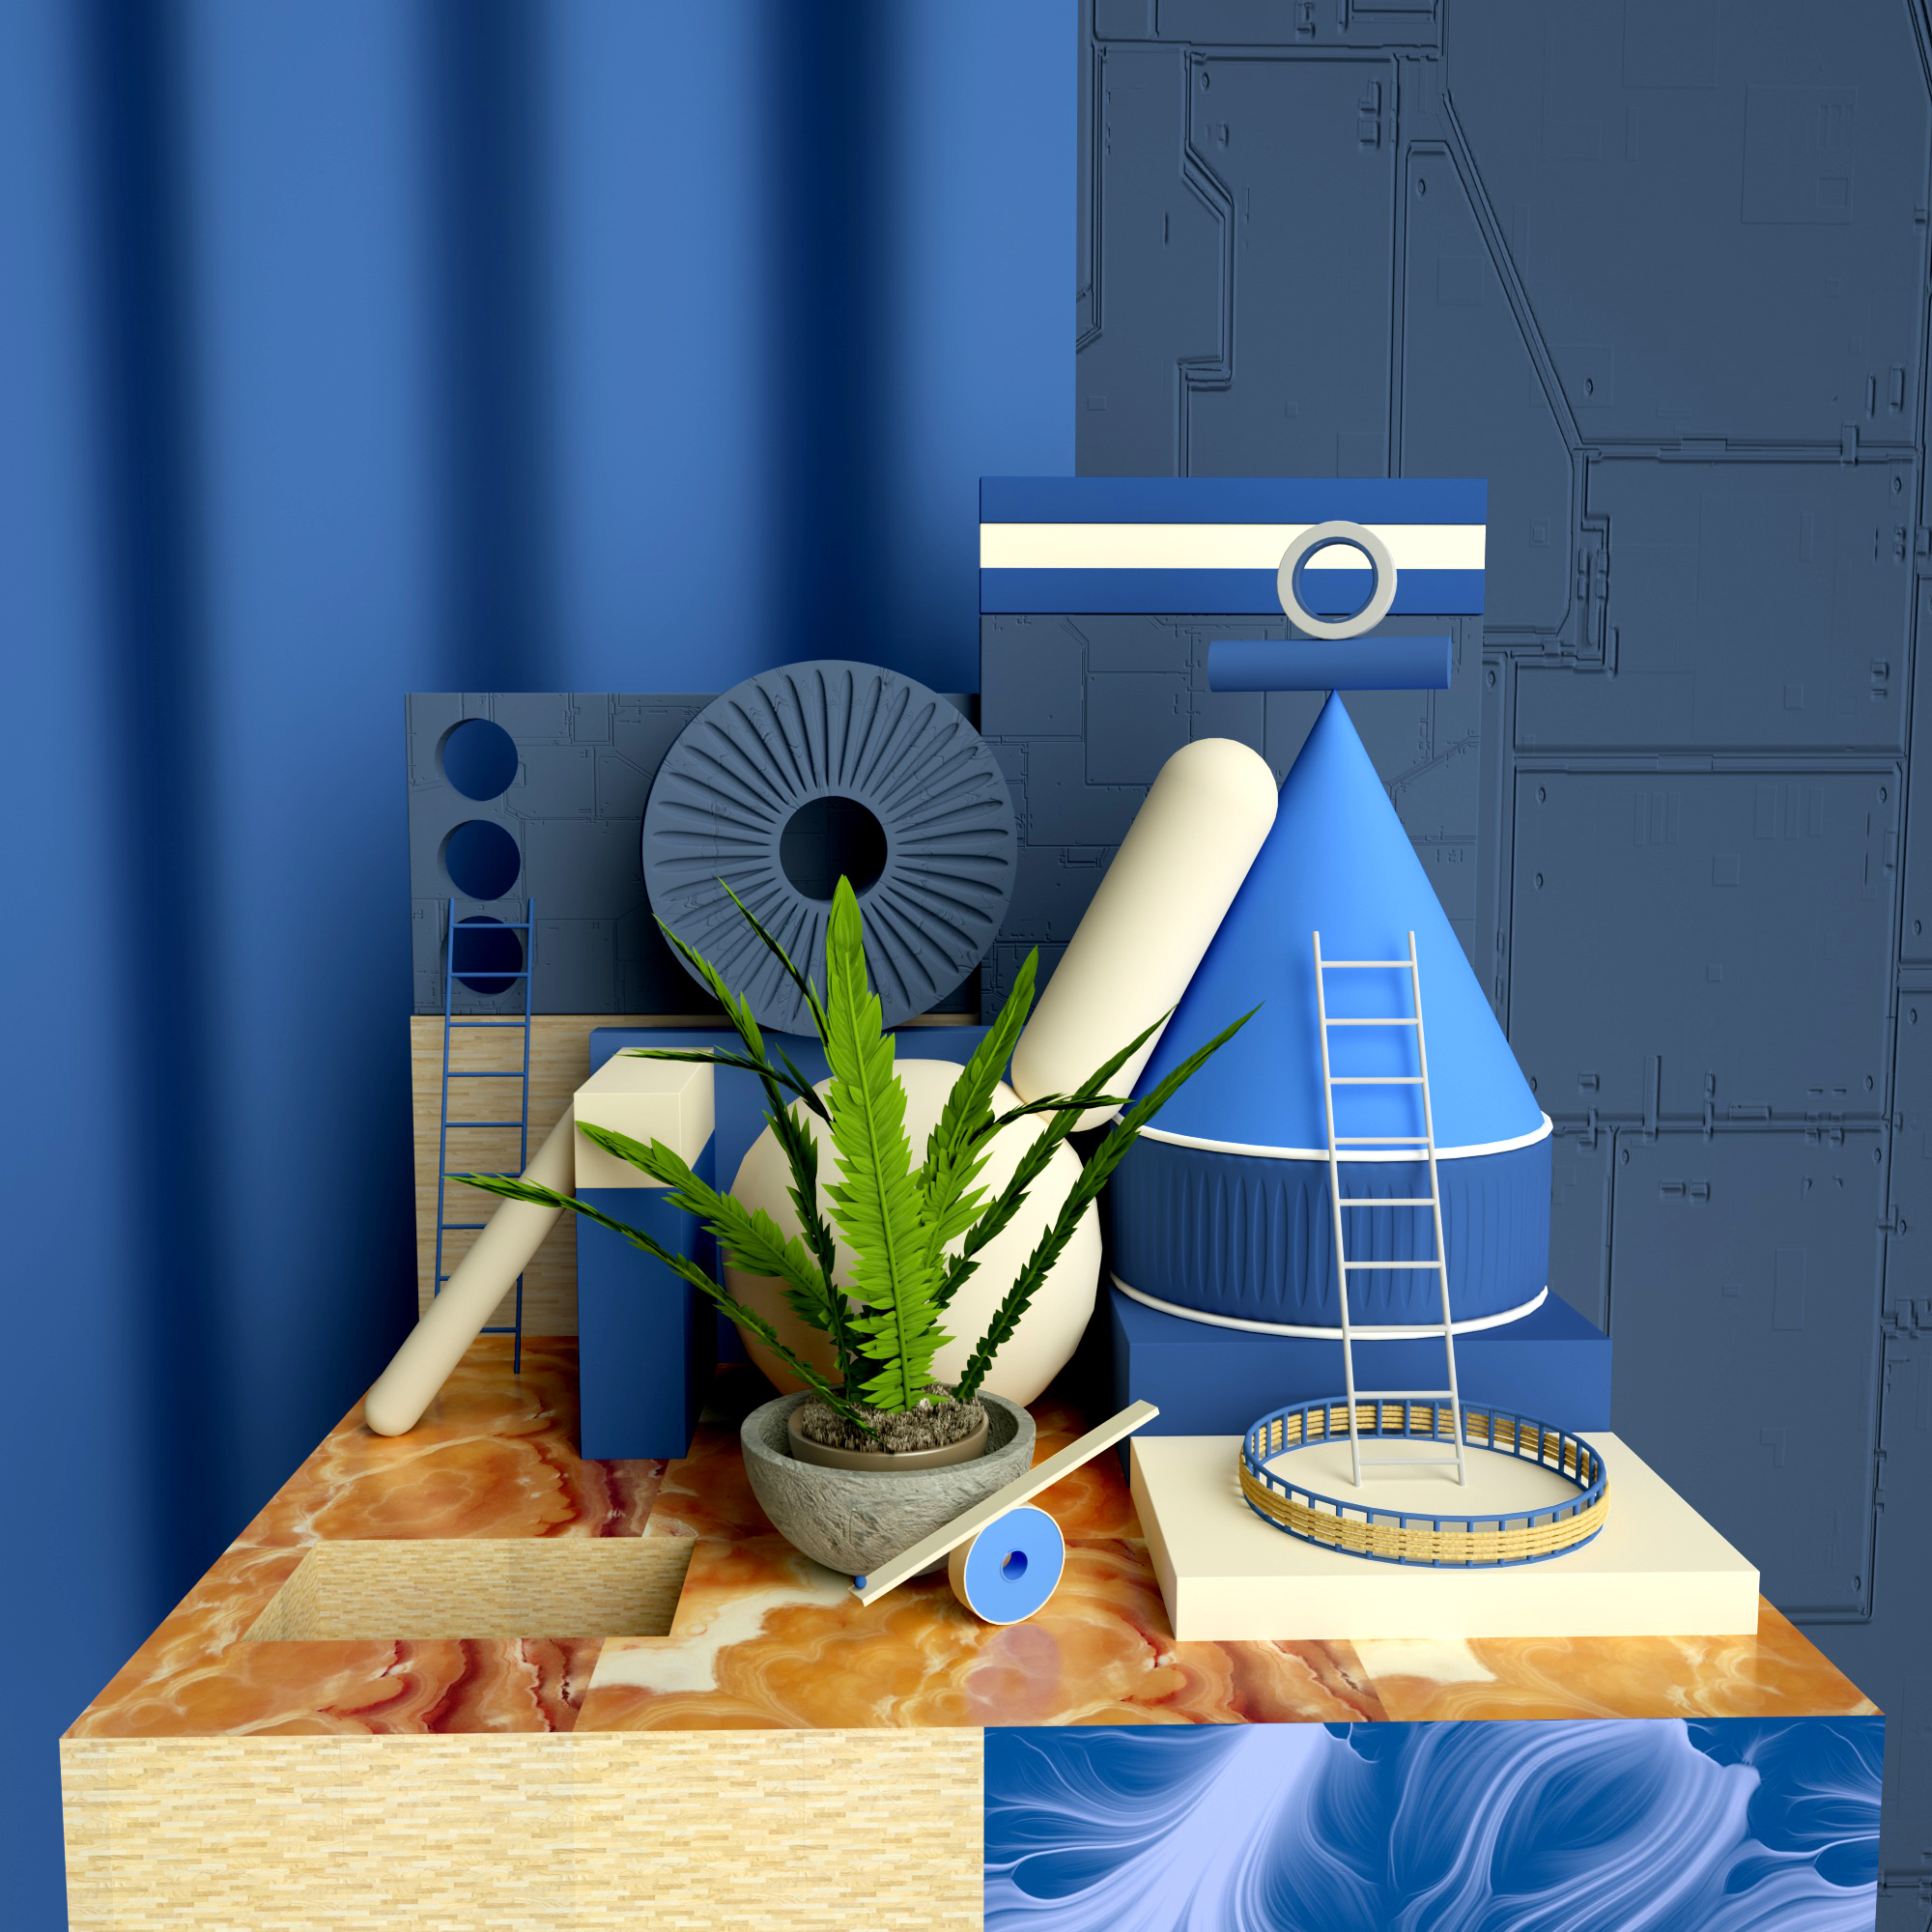 C4D模型蓝色城市建筑绿色植物几何工程033.jpg